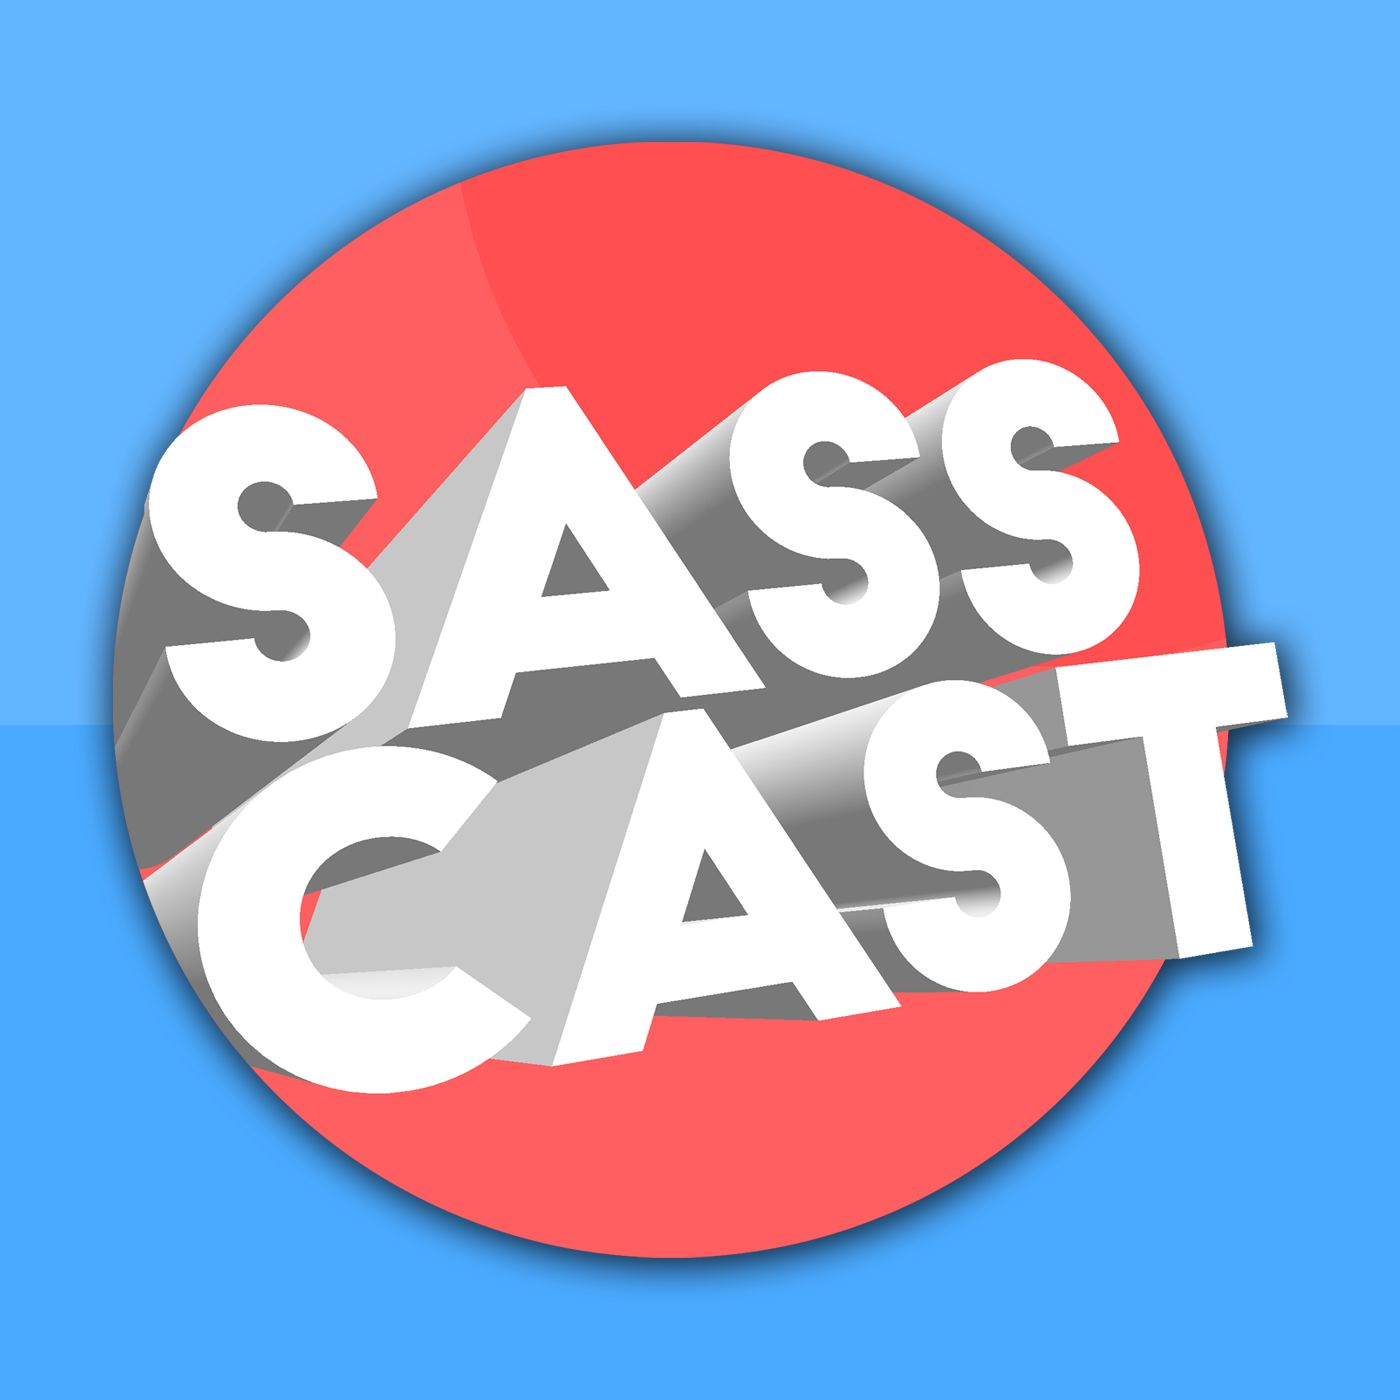 Sass Cast